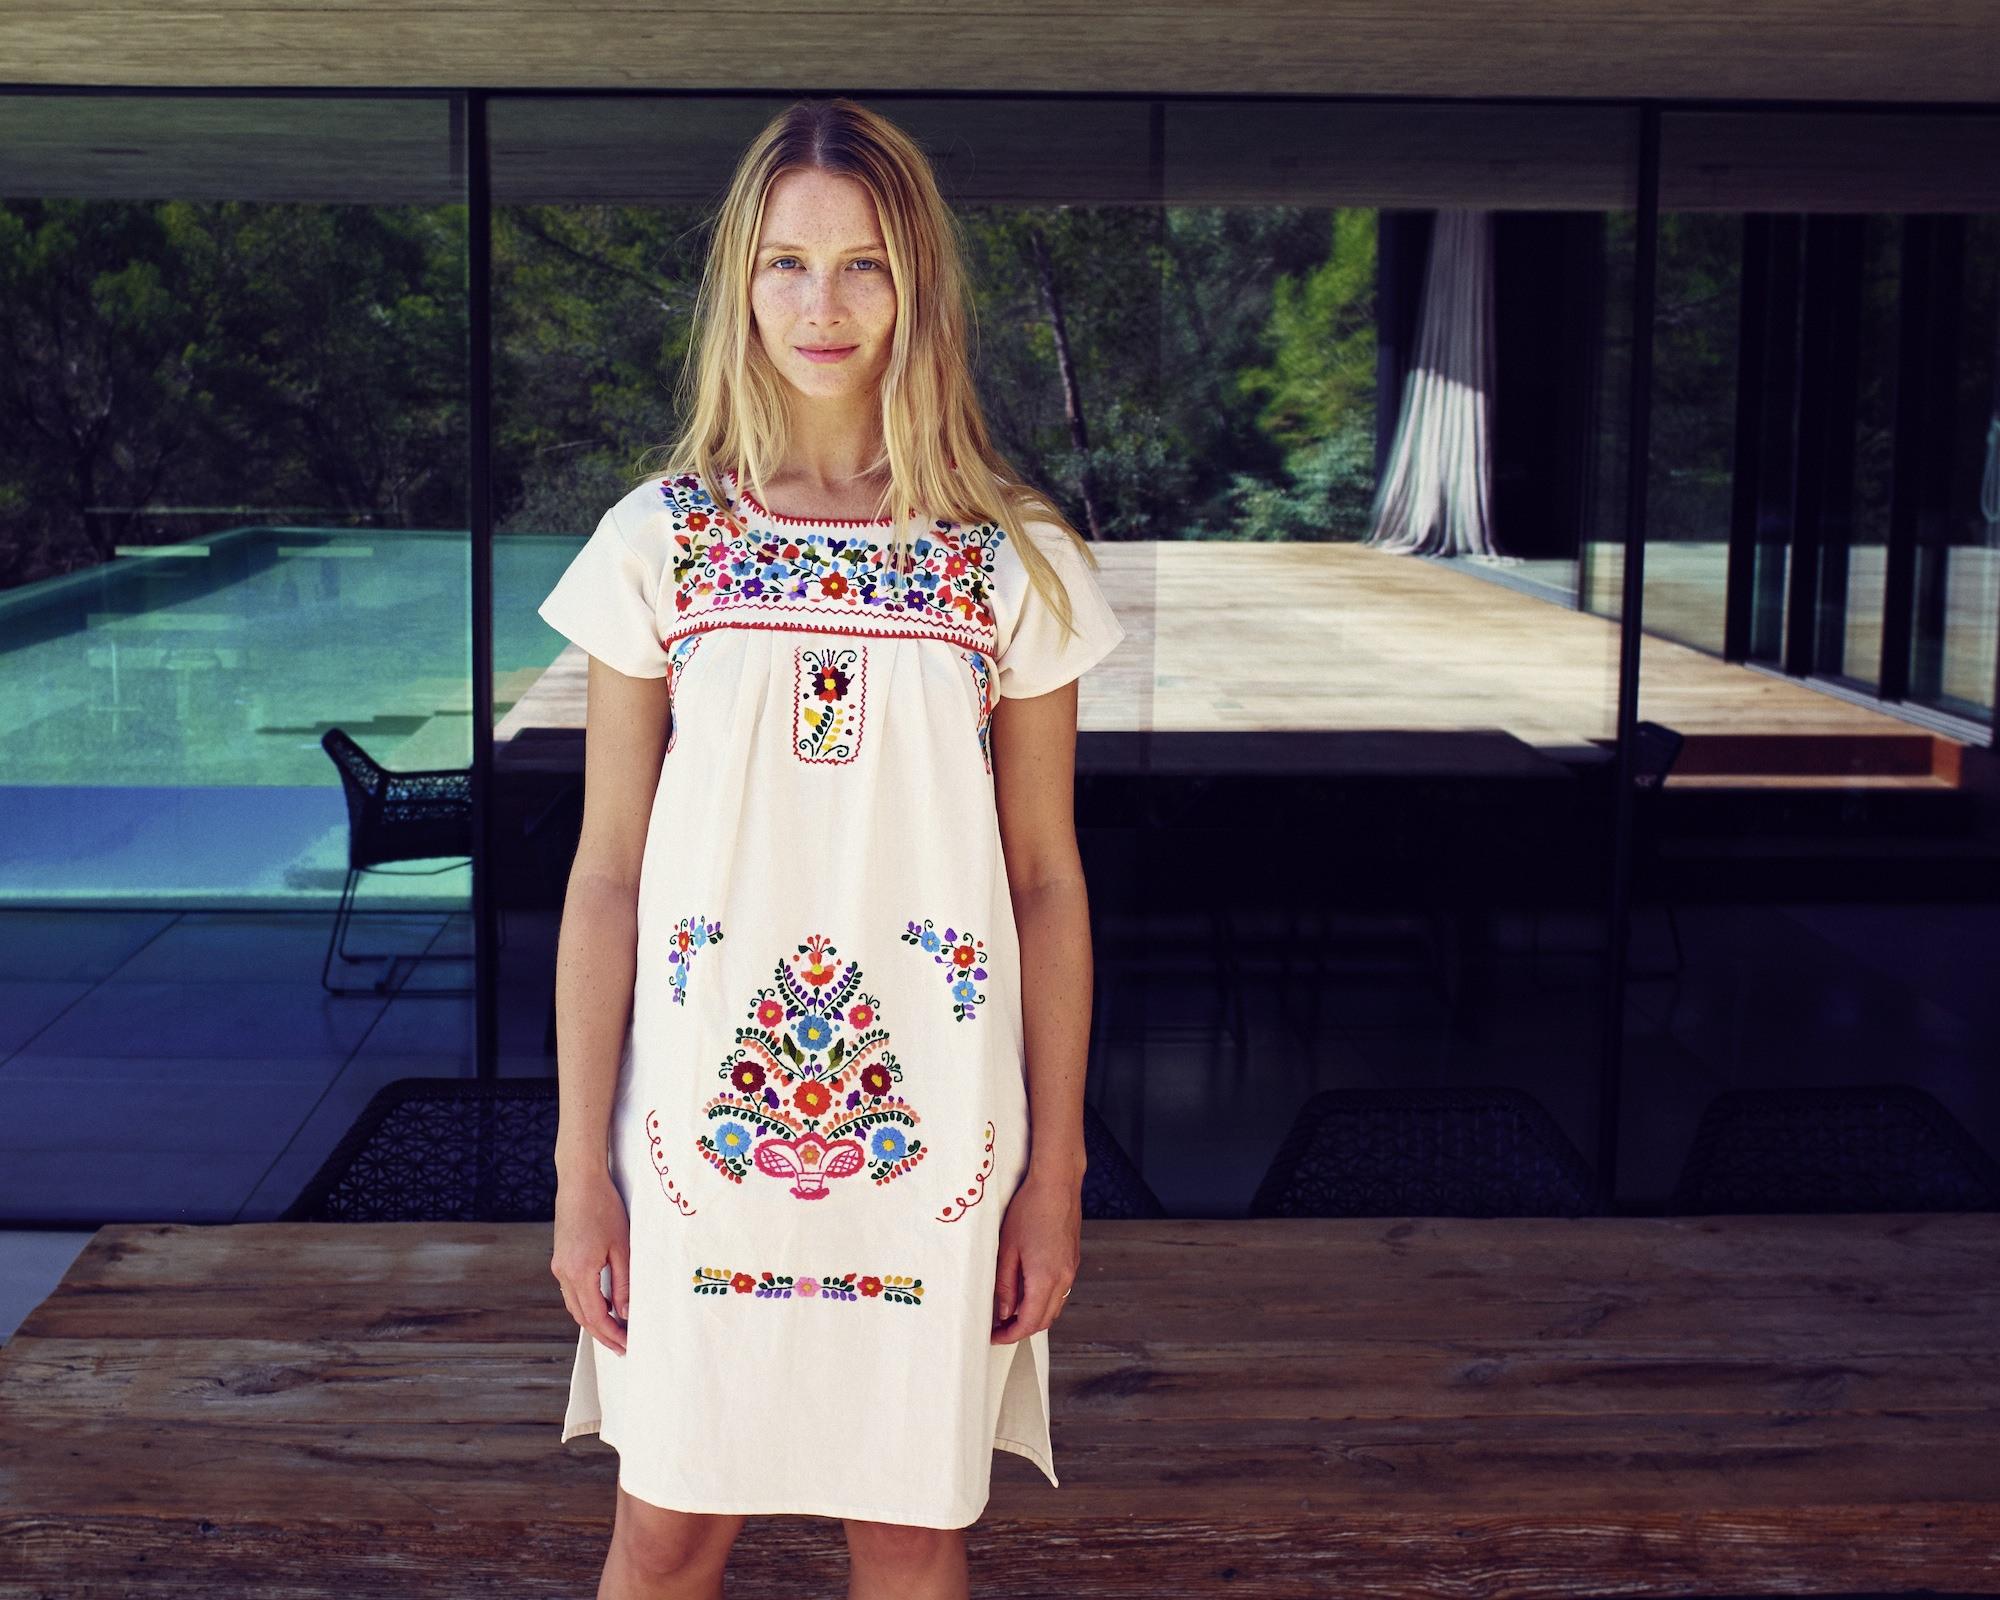 17 Wunderbar Sommerkleider für 2019Designer Perfekt Sommerkleider Spezialgebiet